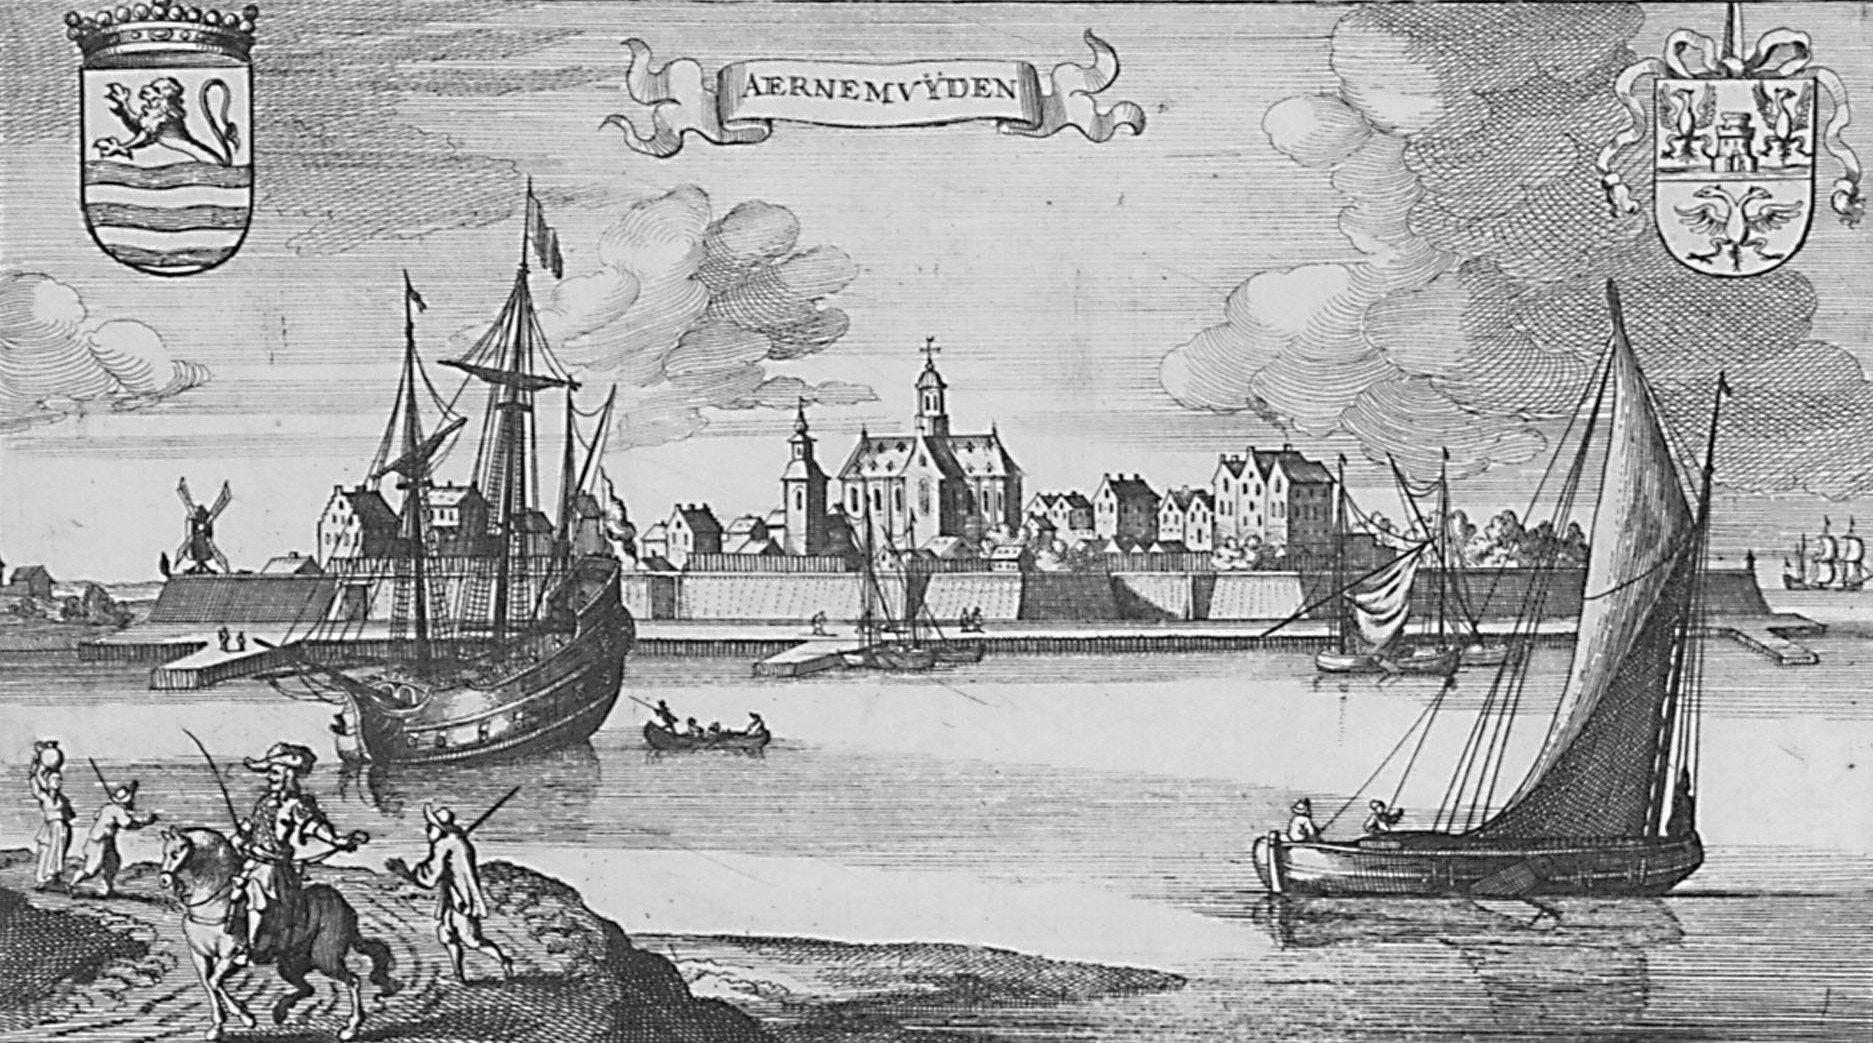 Arnemuiden, zoals afgebeeld op een kopergravure van omstreeks 1670. (Zeeuws Archief, coll. Zeeuws Genootschap, Zelandia Illustrata)